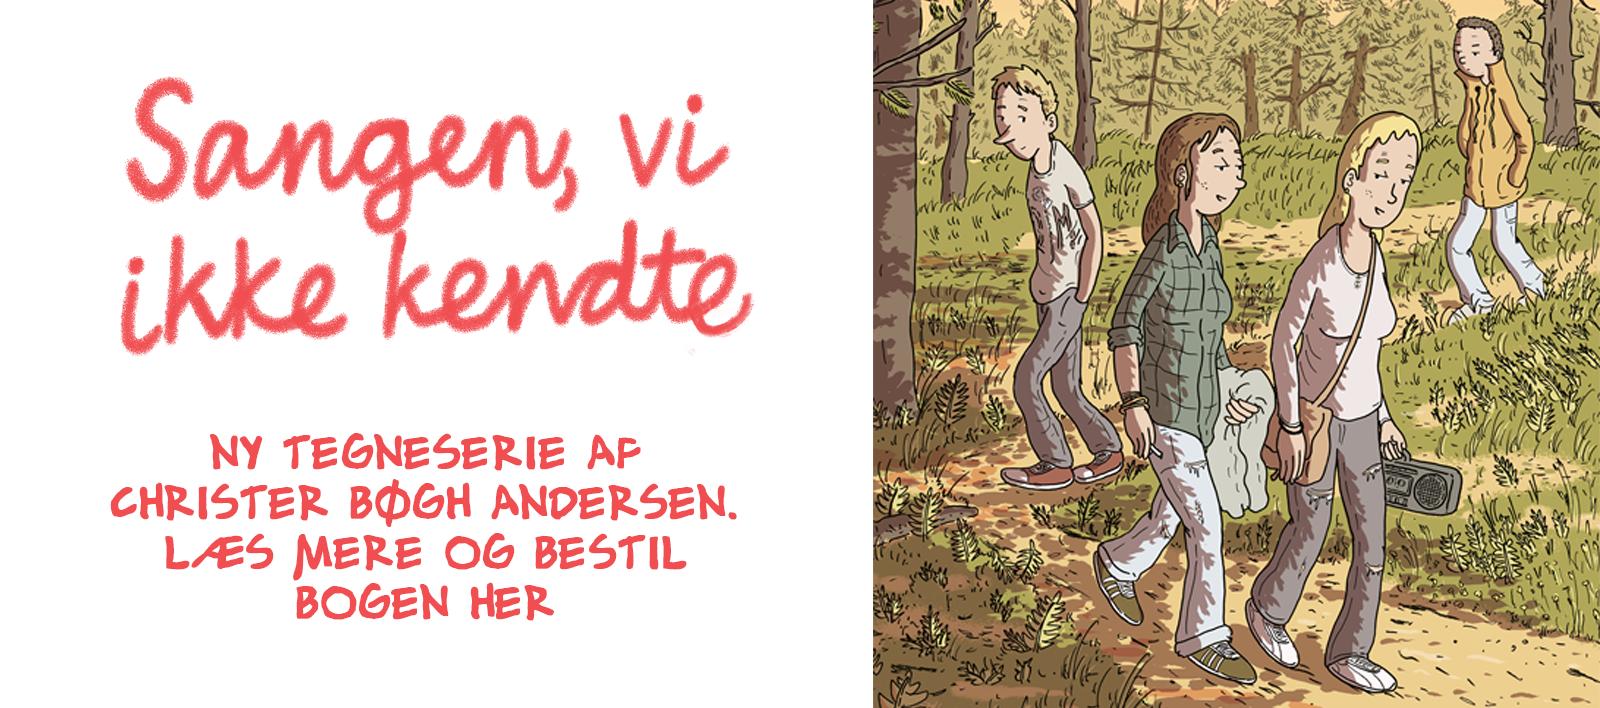 Forside til 'Sangen, vi ikke kendte, en tegneserie af Christer Bøgh Andersen